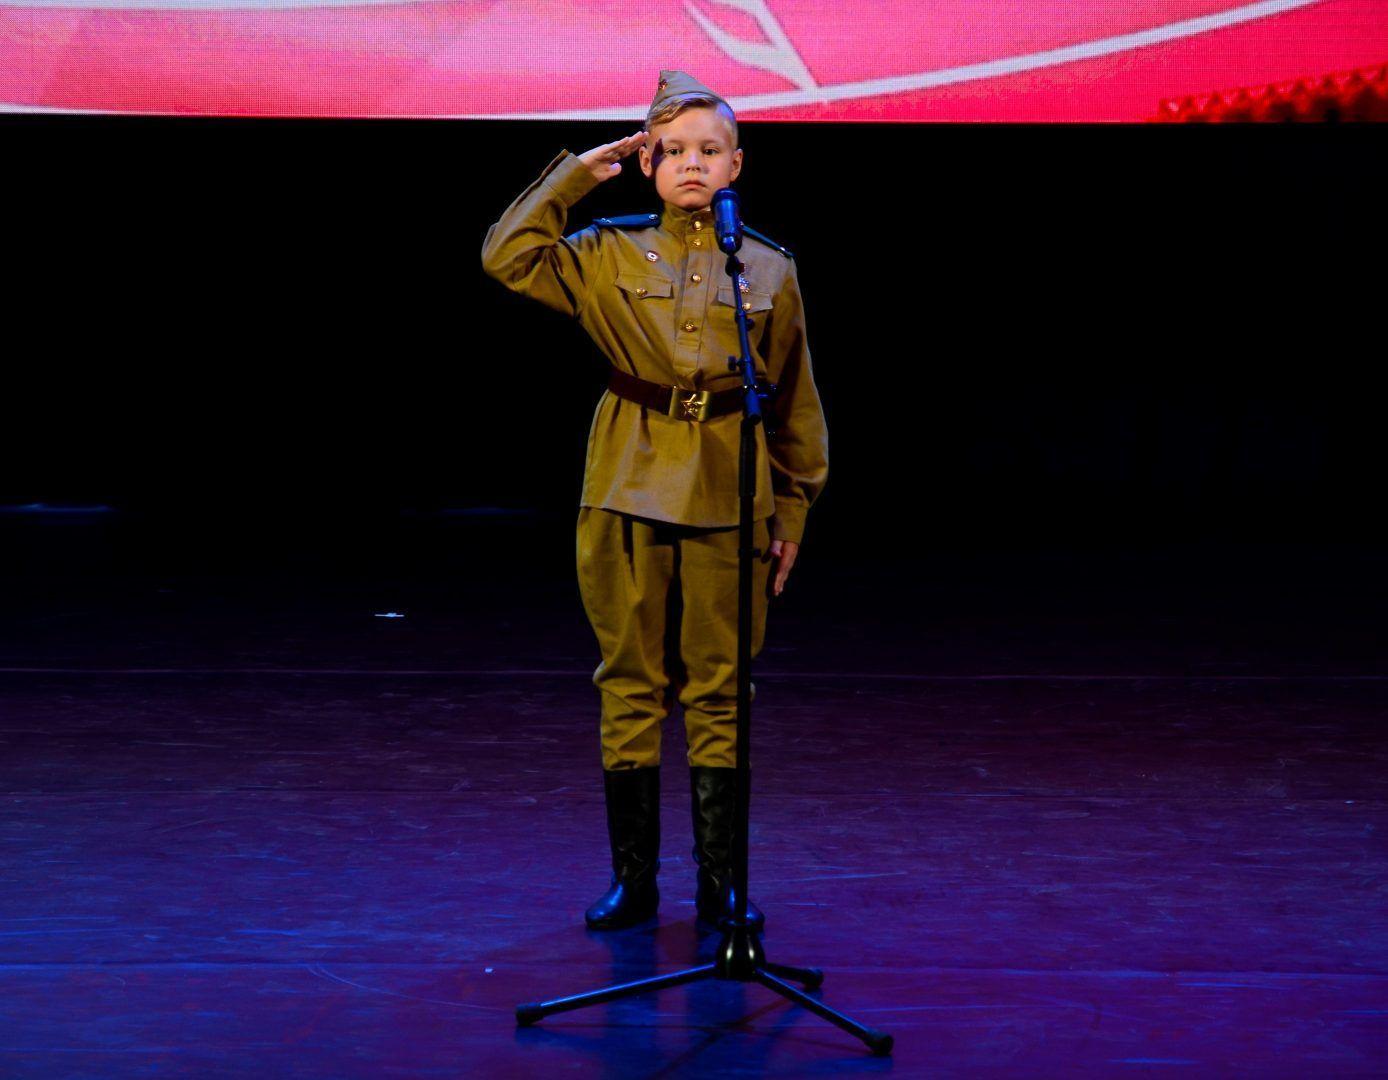 День защитника Отечества отпразднуют в Новой Москве. Фото: Анна Быкова